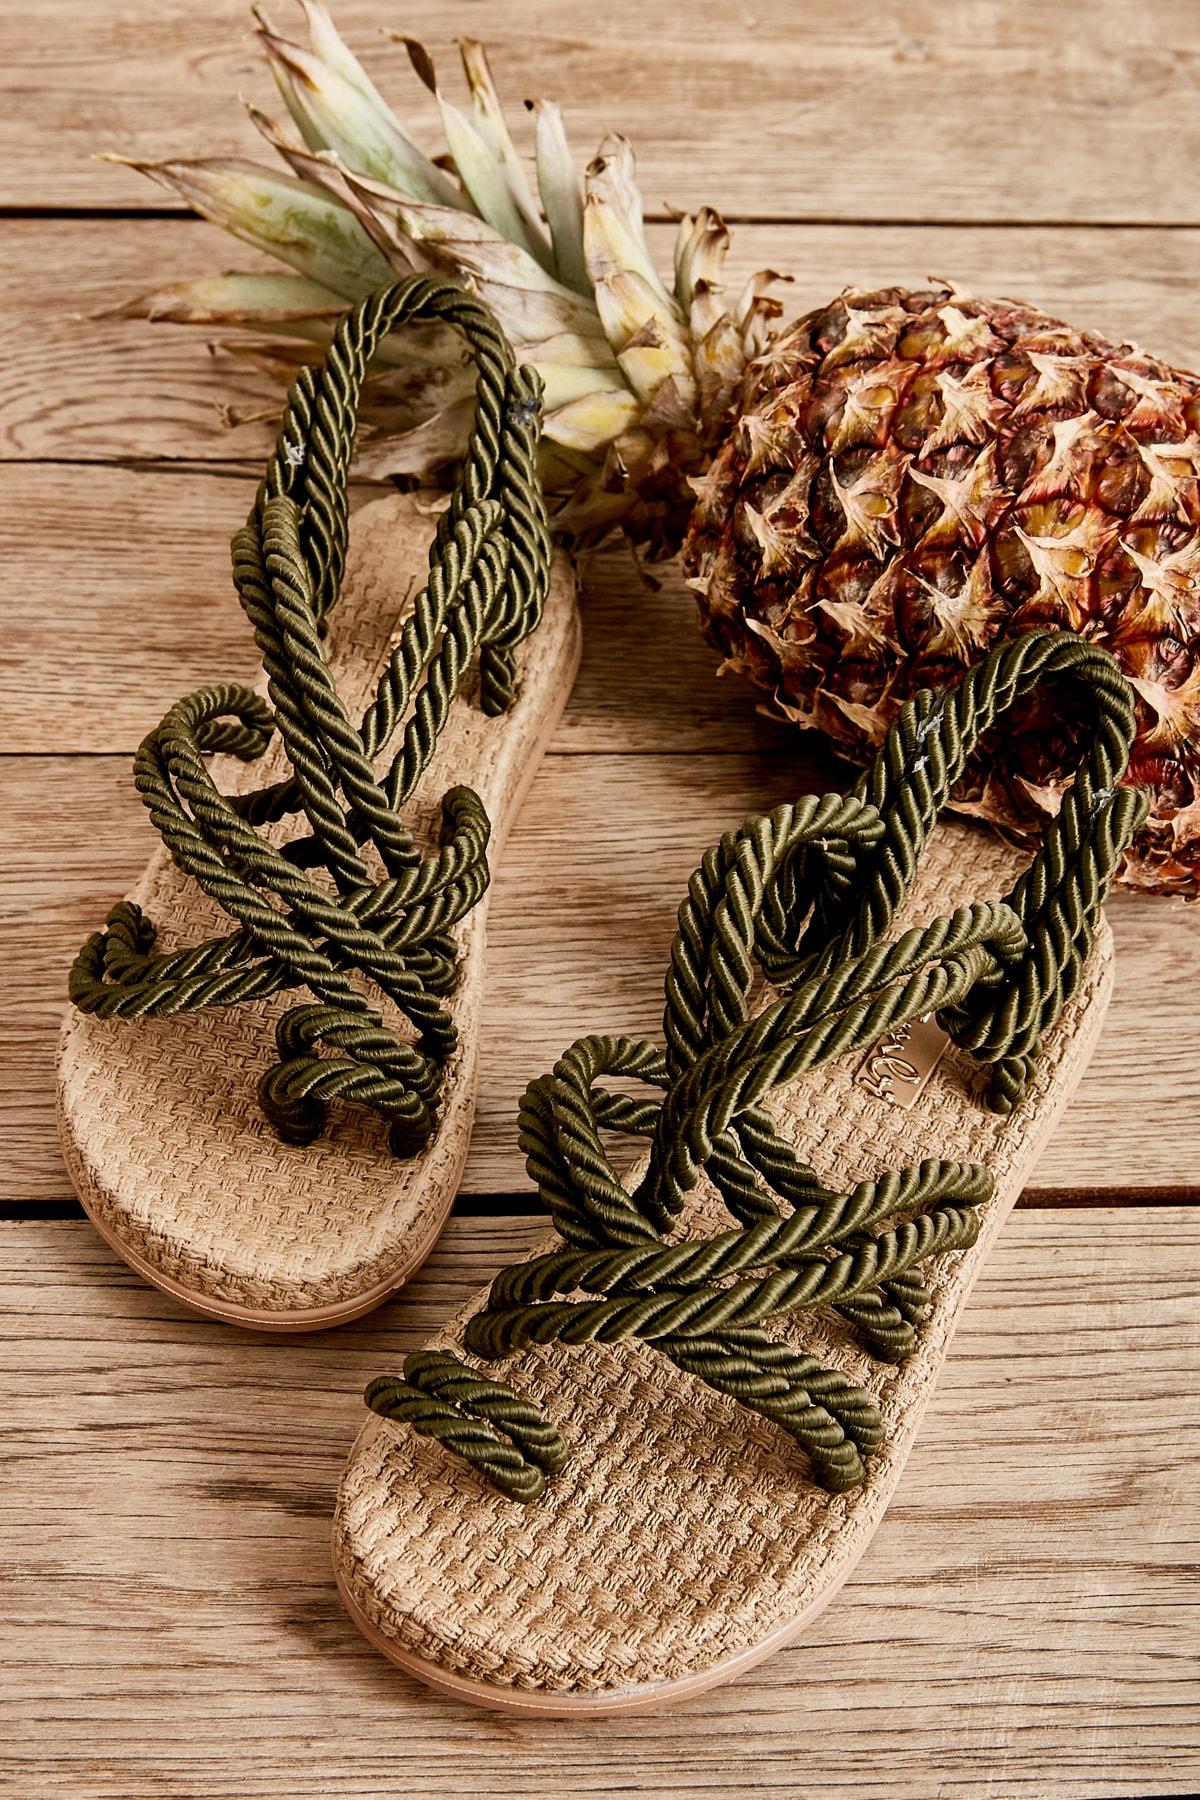 Bambi Haki Kadın Sandalet H05780101 1